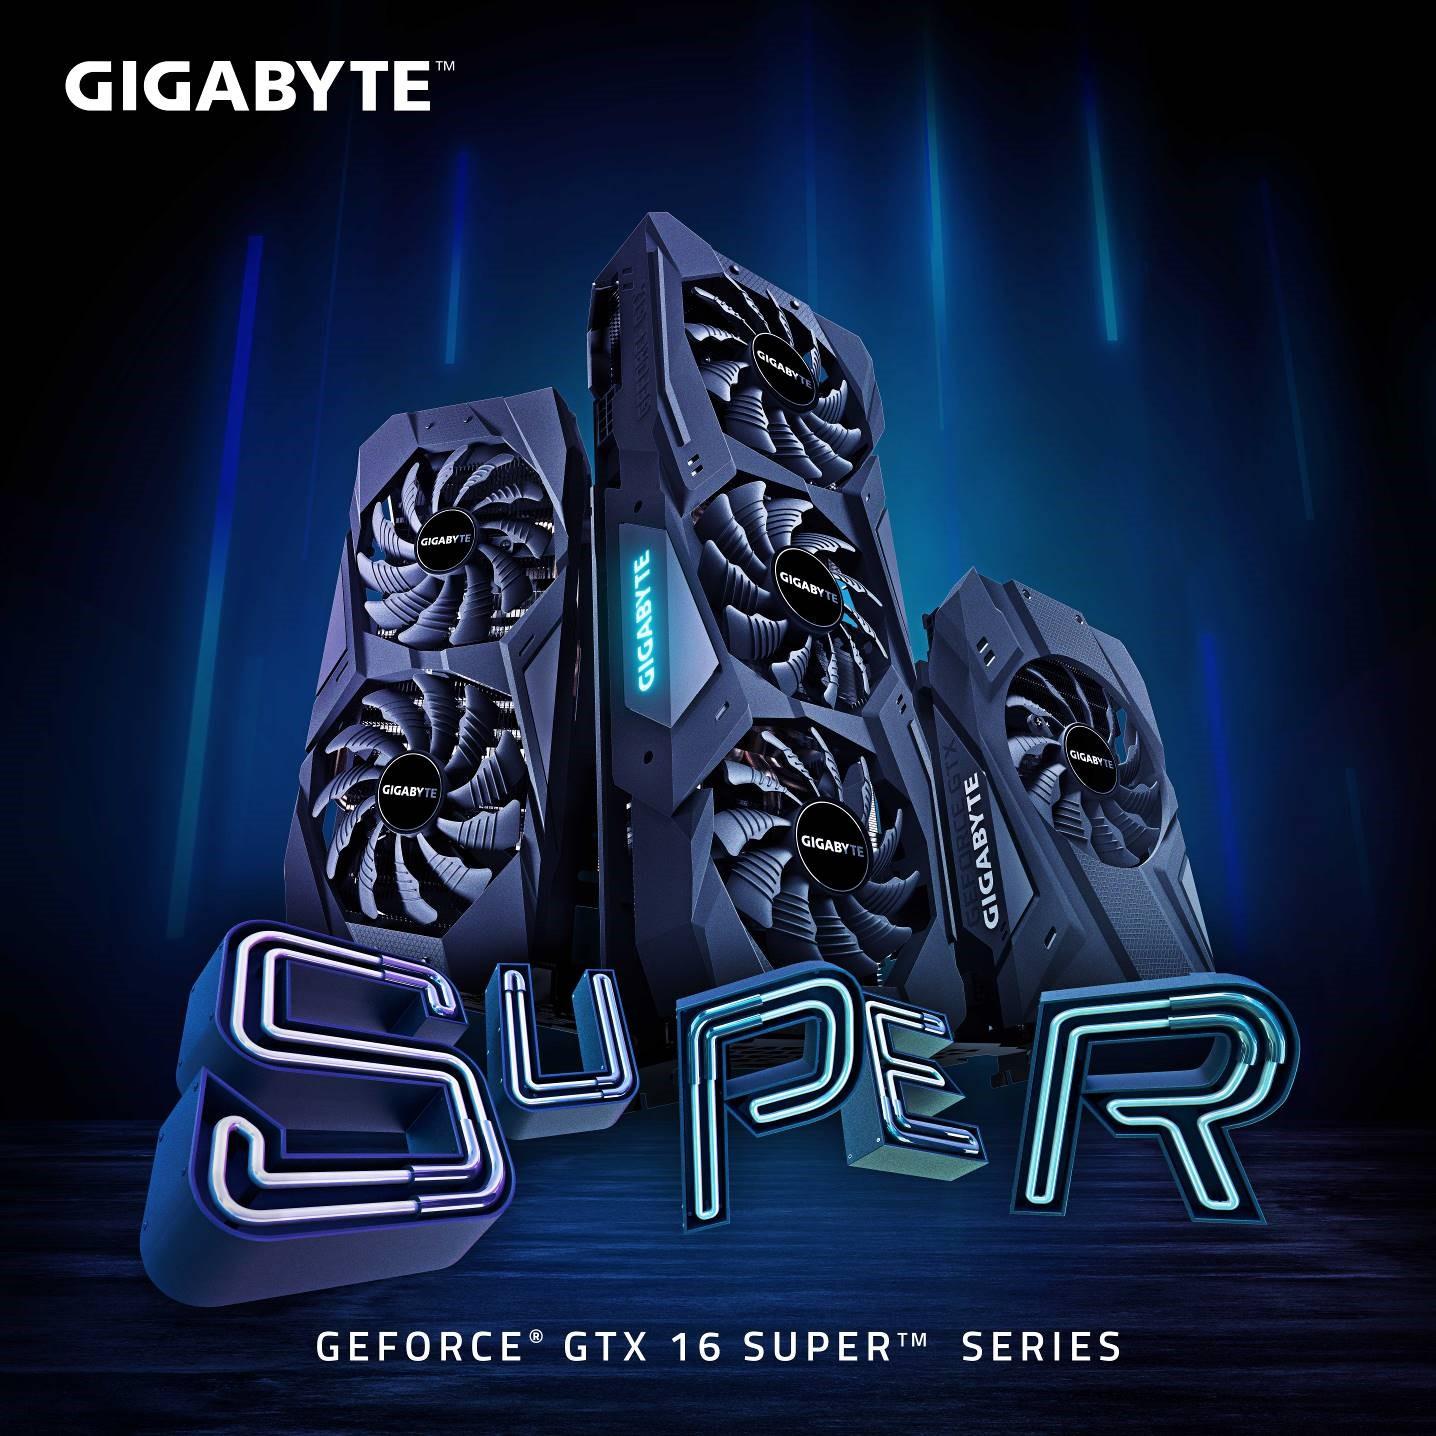 GIGABYTE giới thiệu dòng Card đồ họa GeForce GTX 16 SUPER